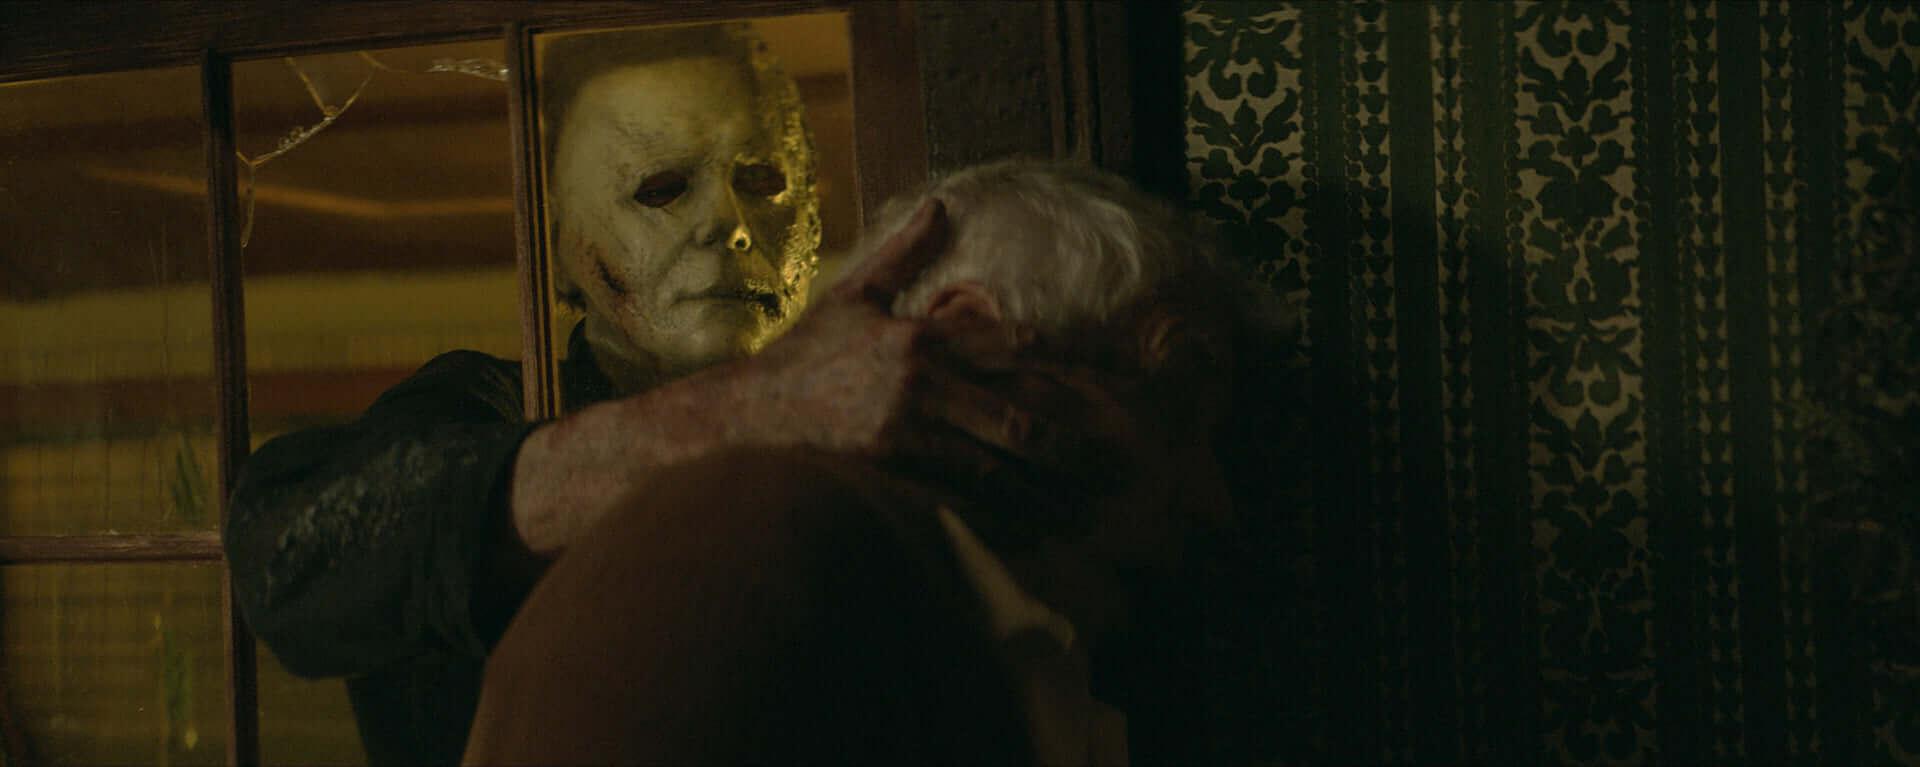 マイケル・マイヤーズのマスクがついに剥がされる!?『ハロウィン KILLS』最終予告が解禁 film210928_halloweenkills_5